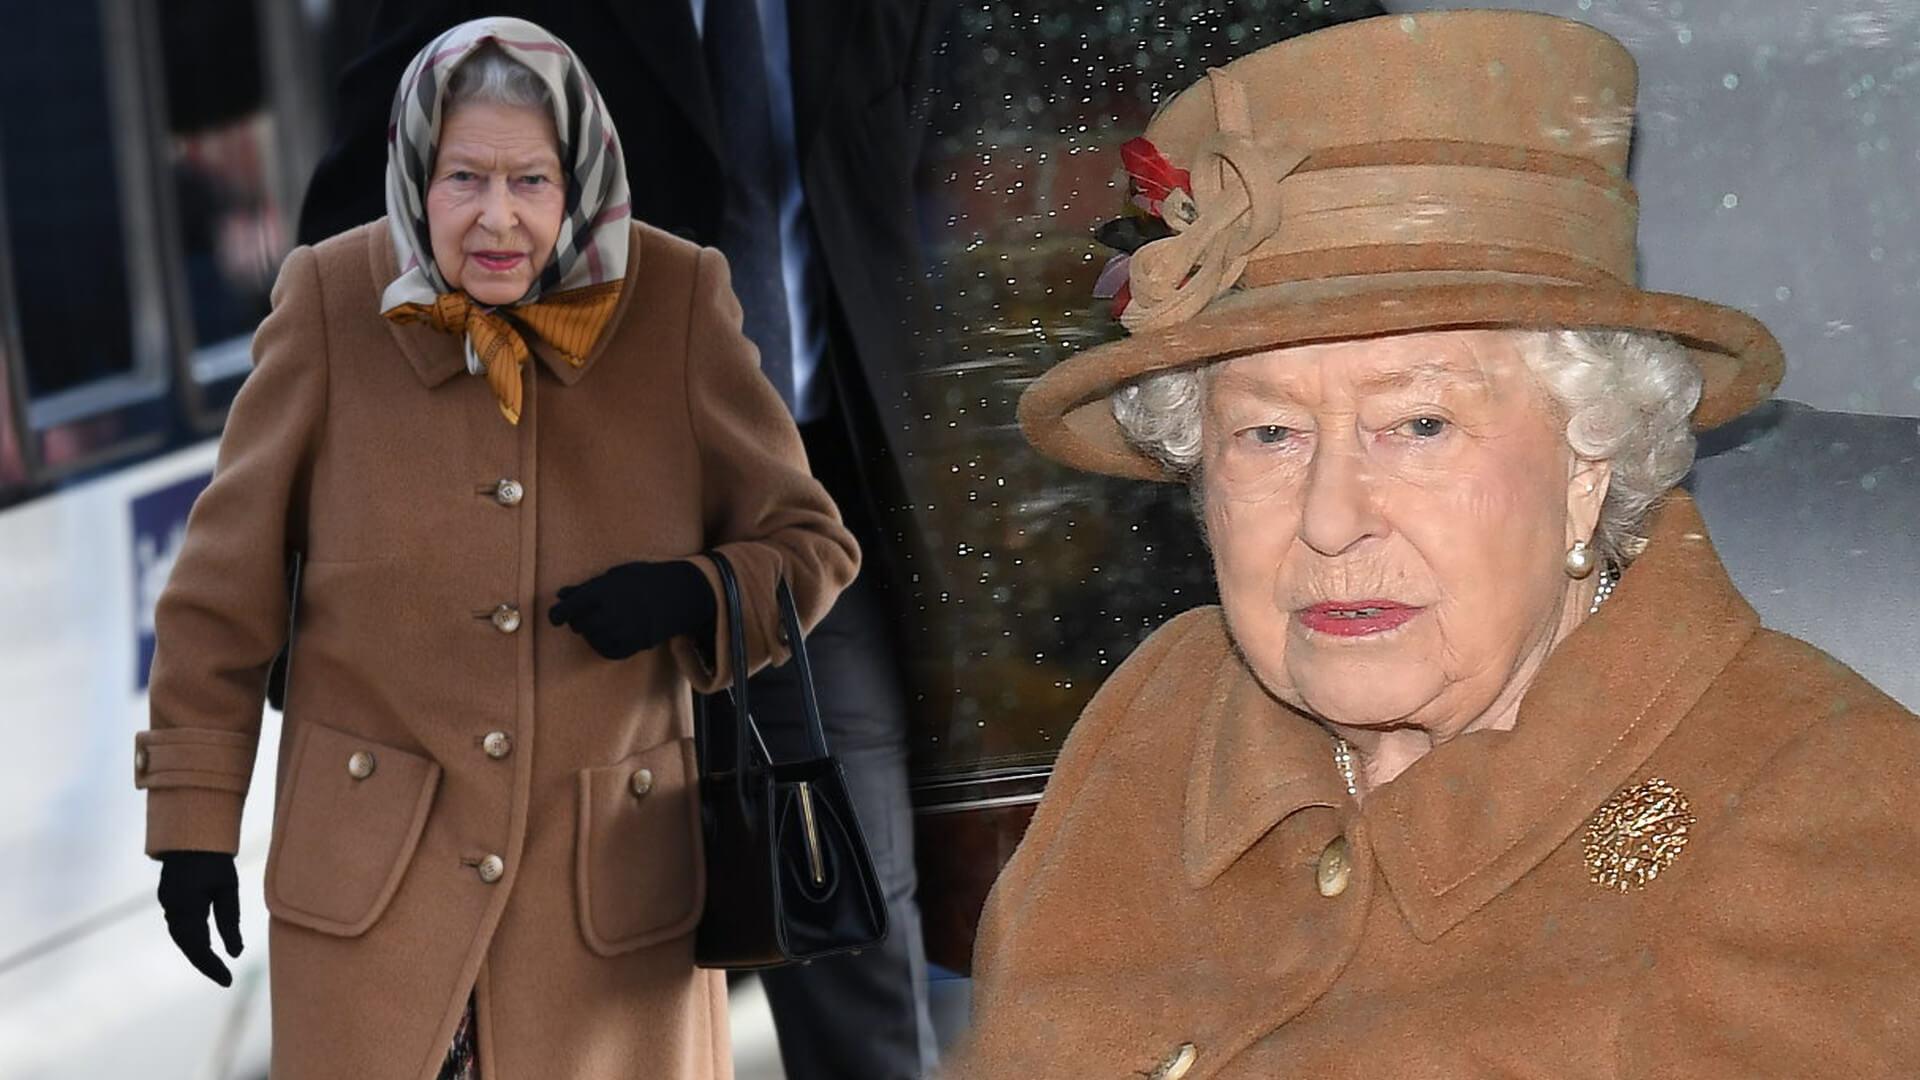 Królowa Elżbieta wyjawiła szczególny fakt na swój temat. W młodości miała kompleks…